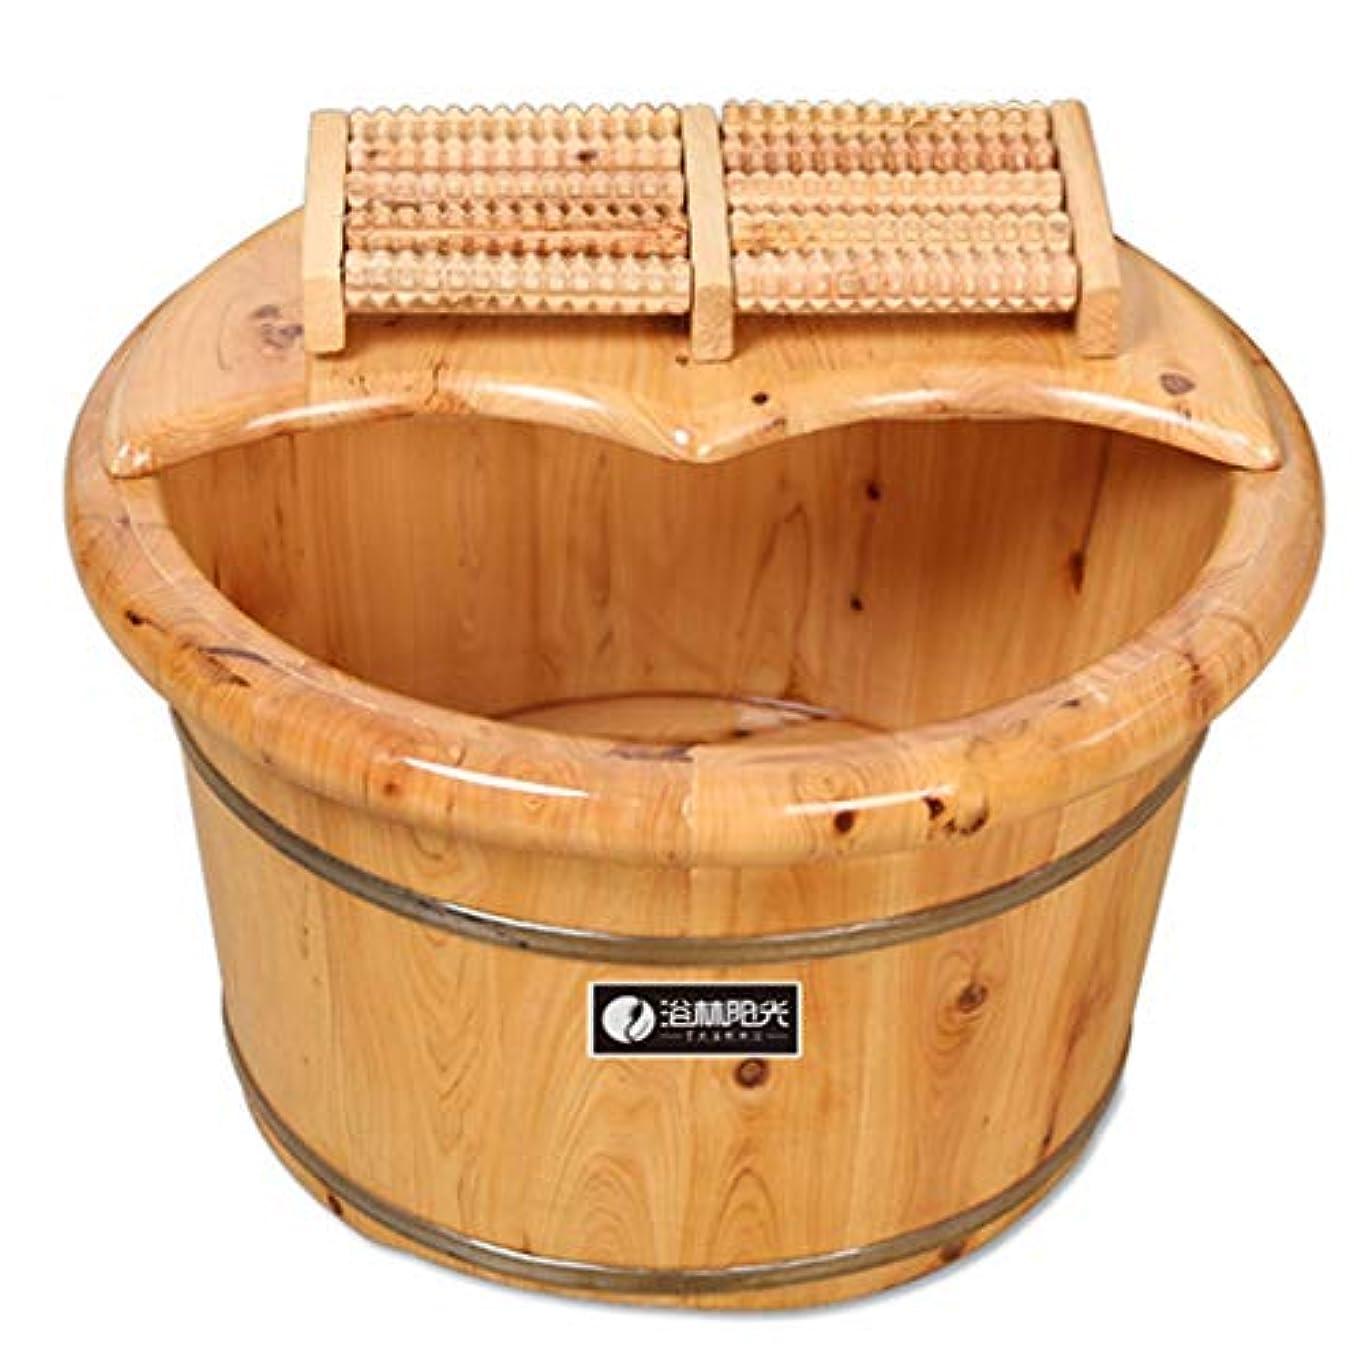 シニス悔い改める卒業Fußbadekübel足湯足湯マッサージバケットサウナ用浴槽のフットバスAkupunktmassage大規模な木材の家庭用足も